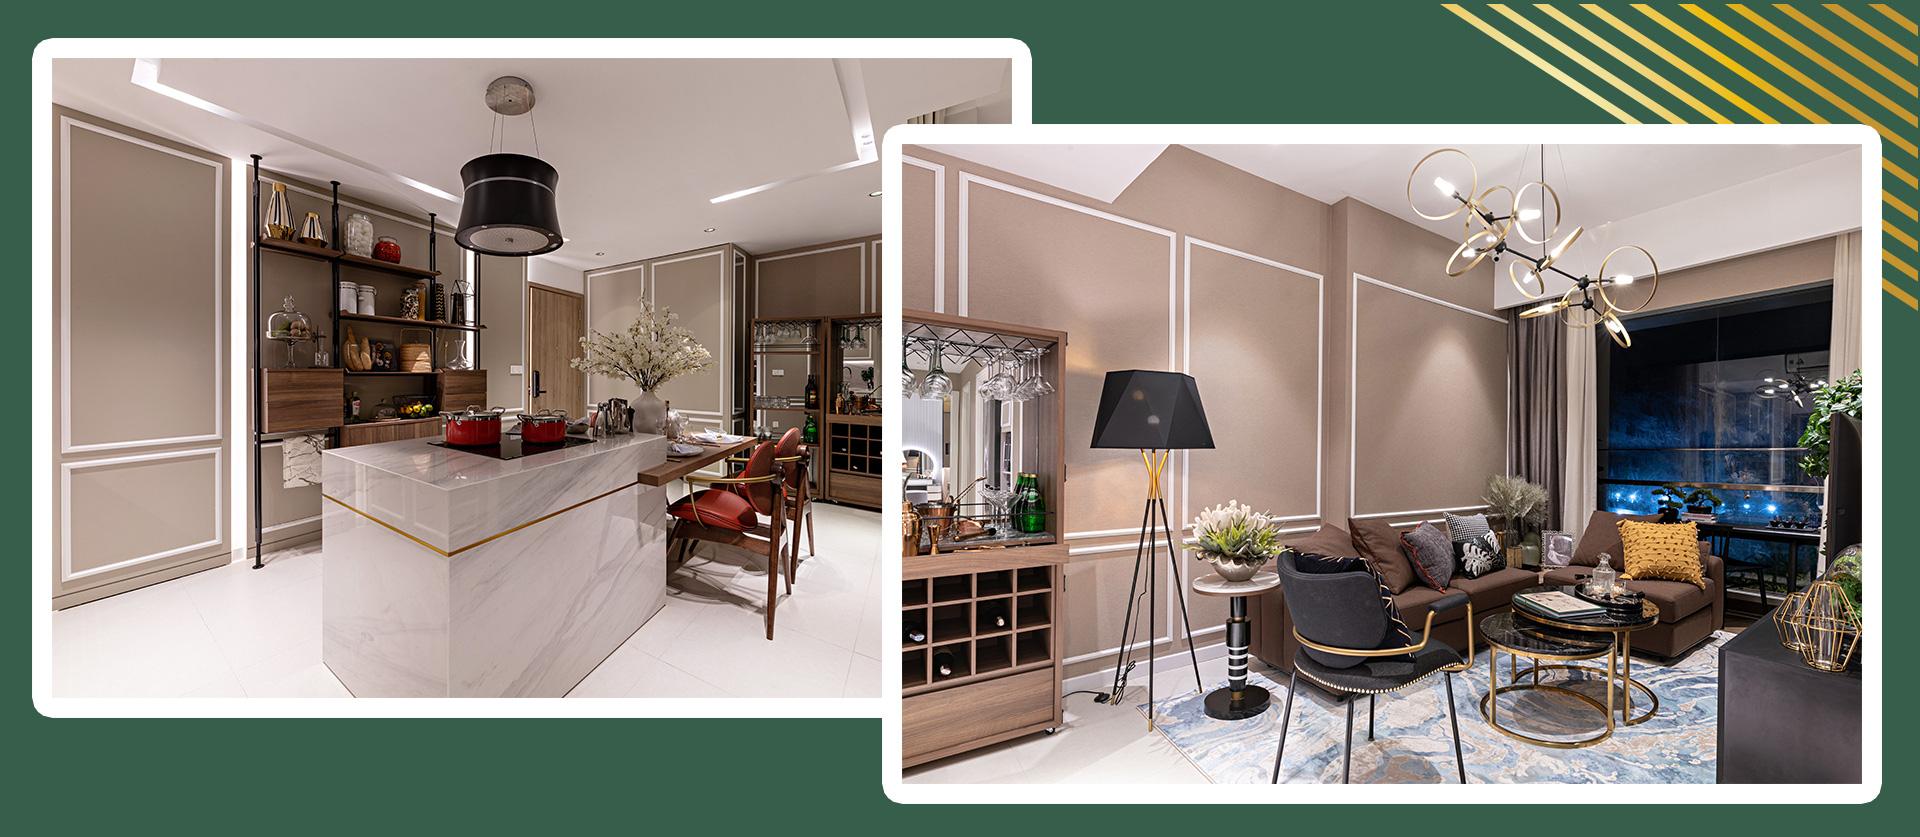 Anderson Park - căn hộ chuẩn hạng phòng Suite 5 sao đã sẵn sàng trình làng - Ảnh 3.